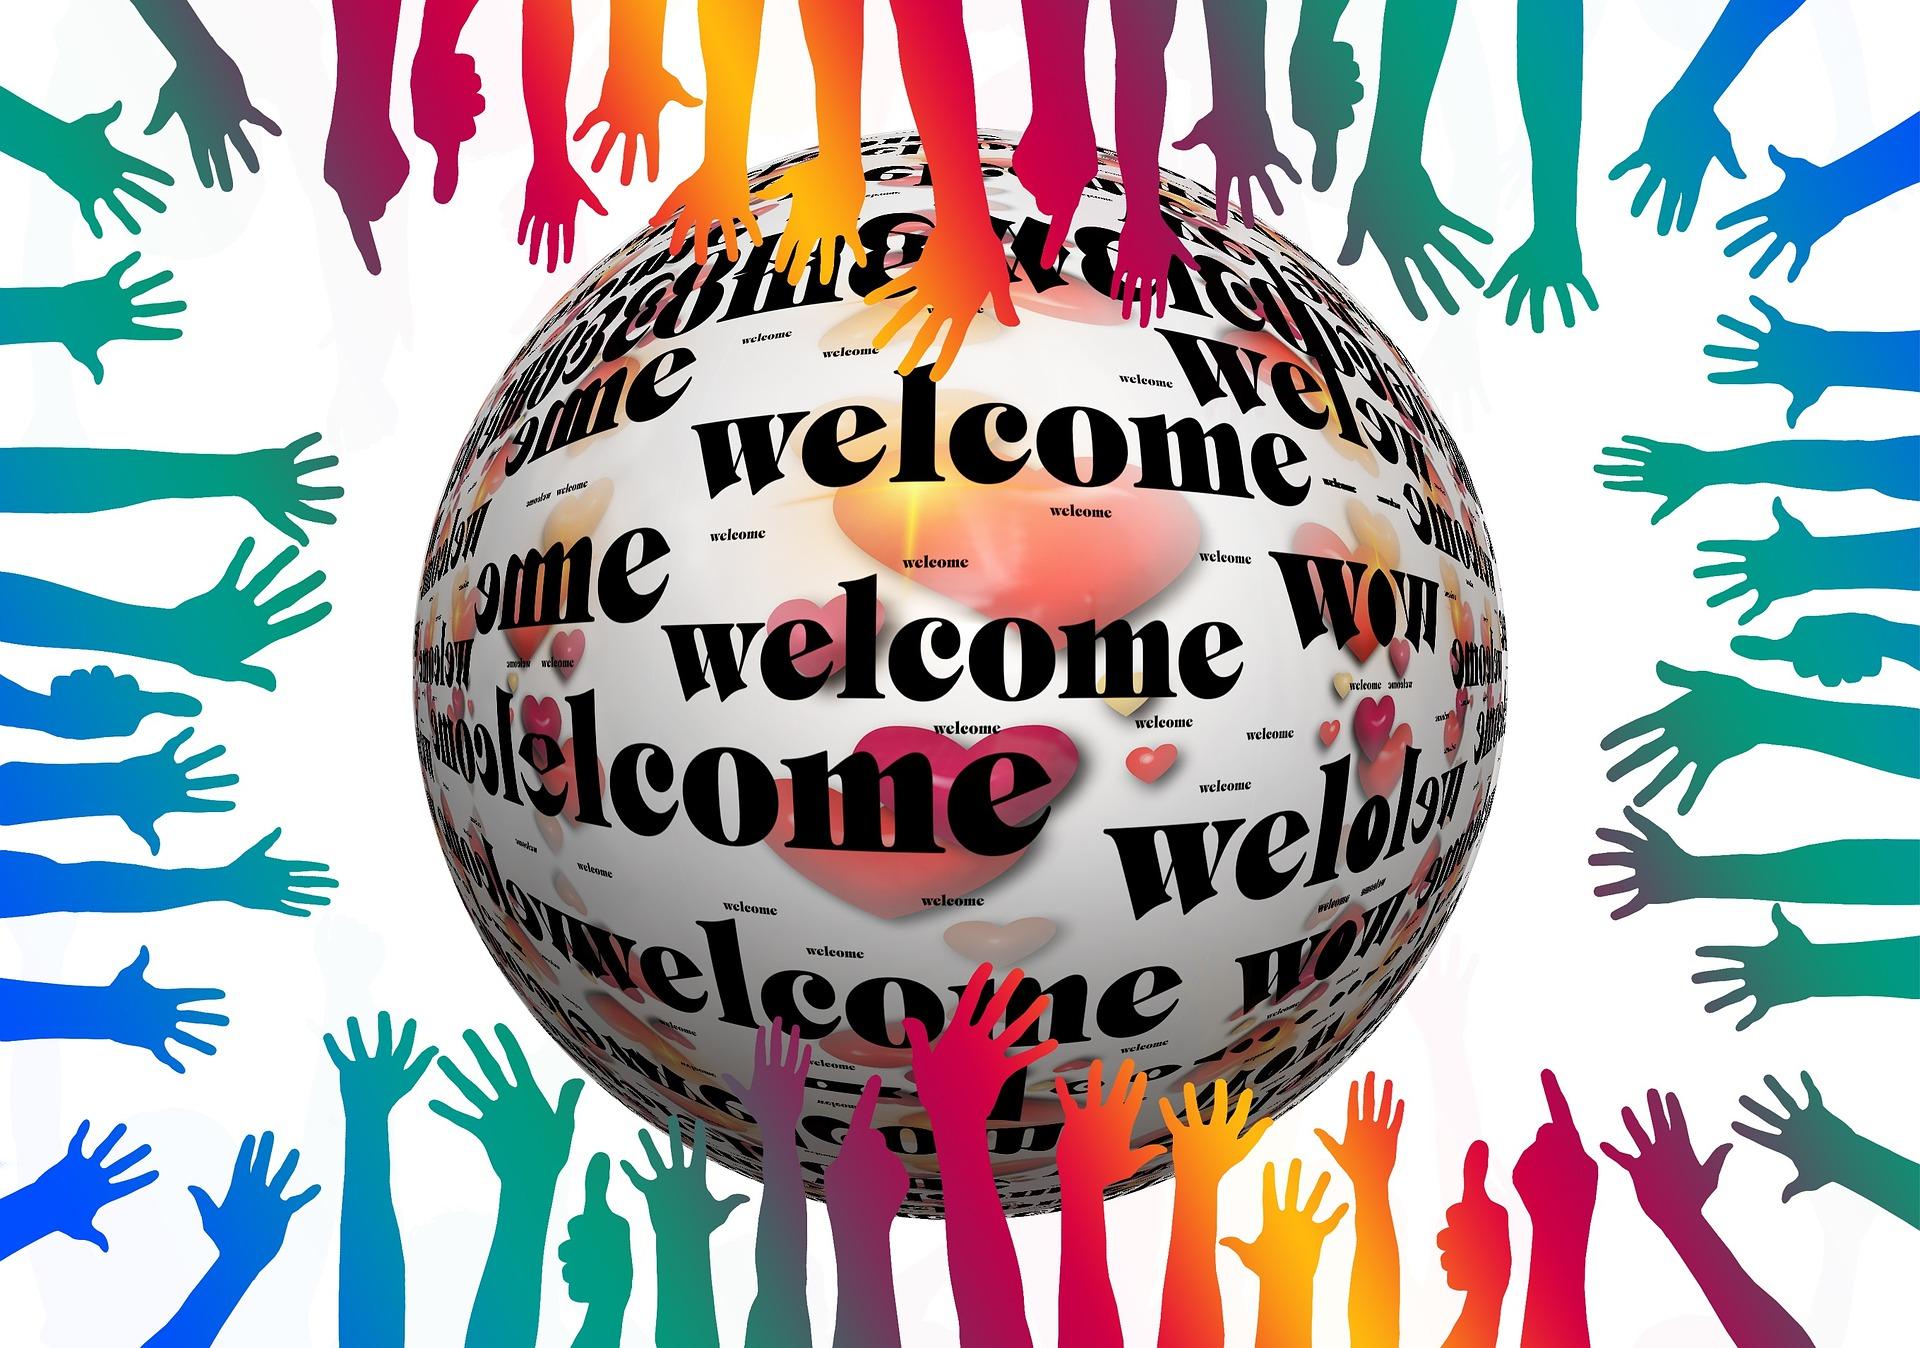 Welcome-tekstillä maapallo, jota tavoittelee eriväriset ja -kokoiset kädet.